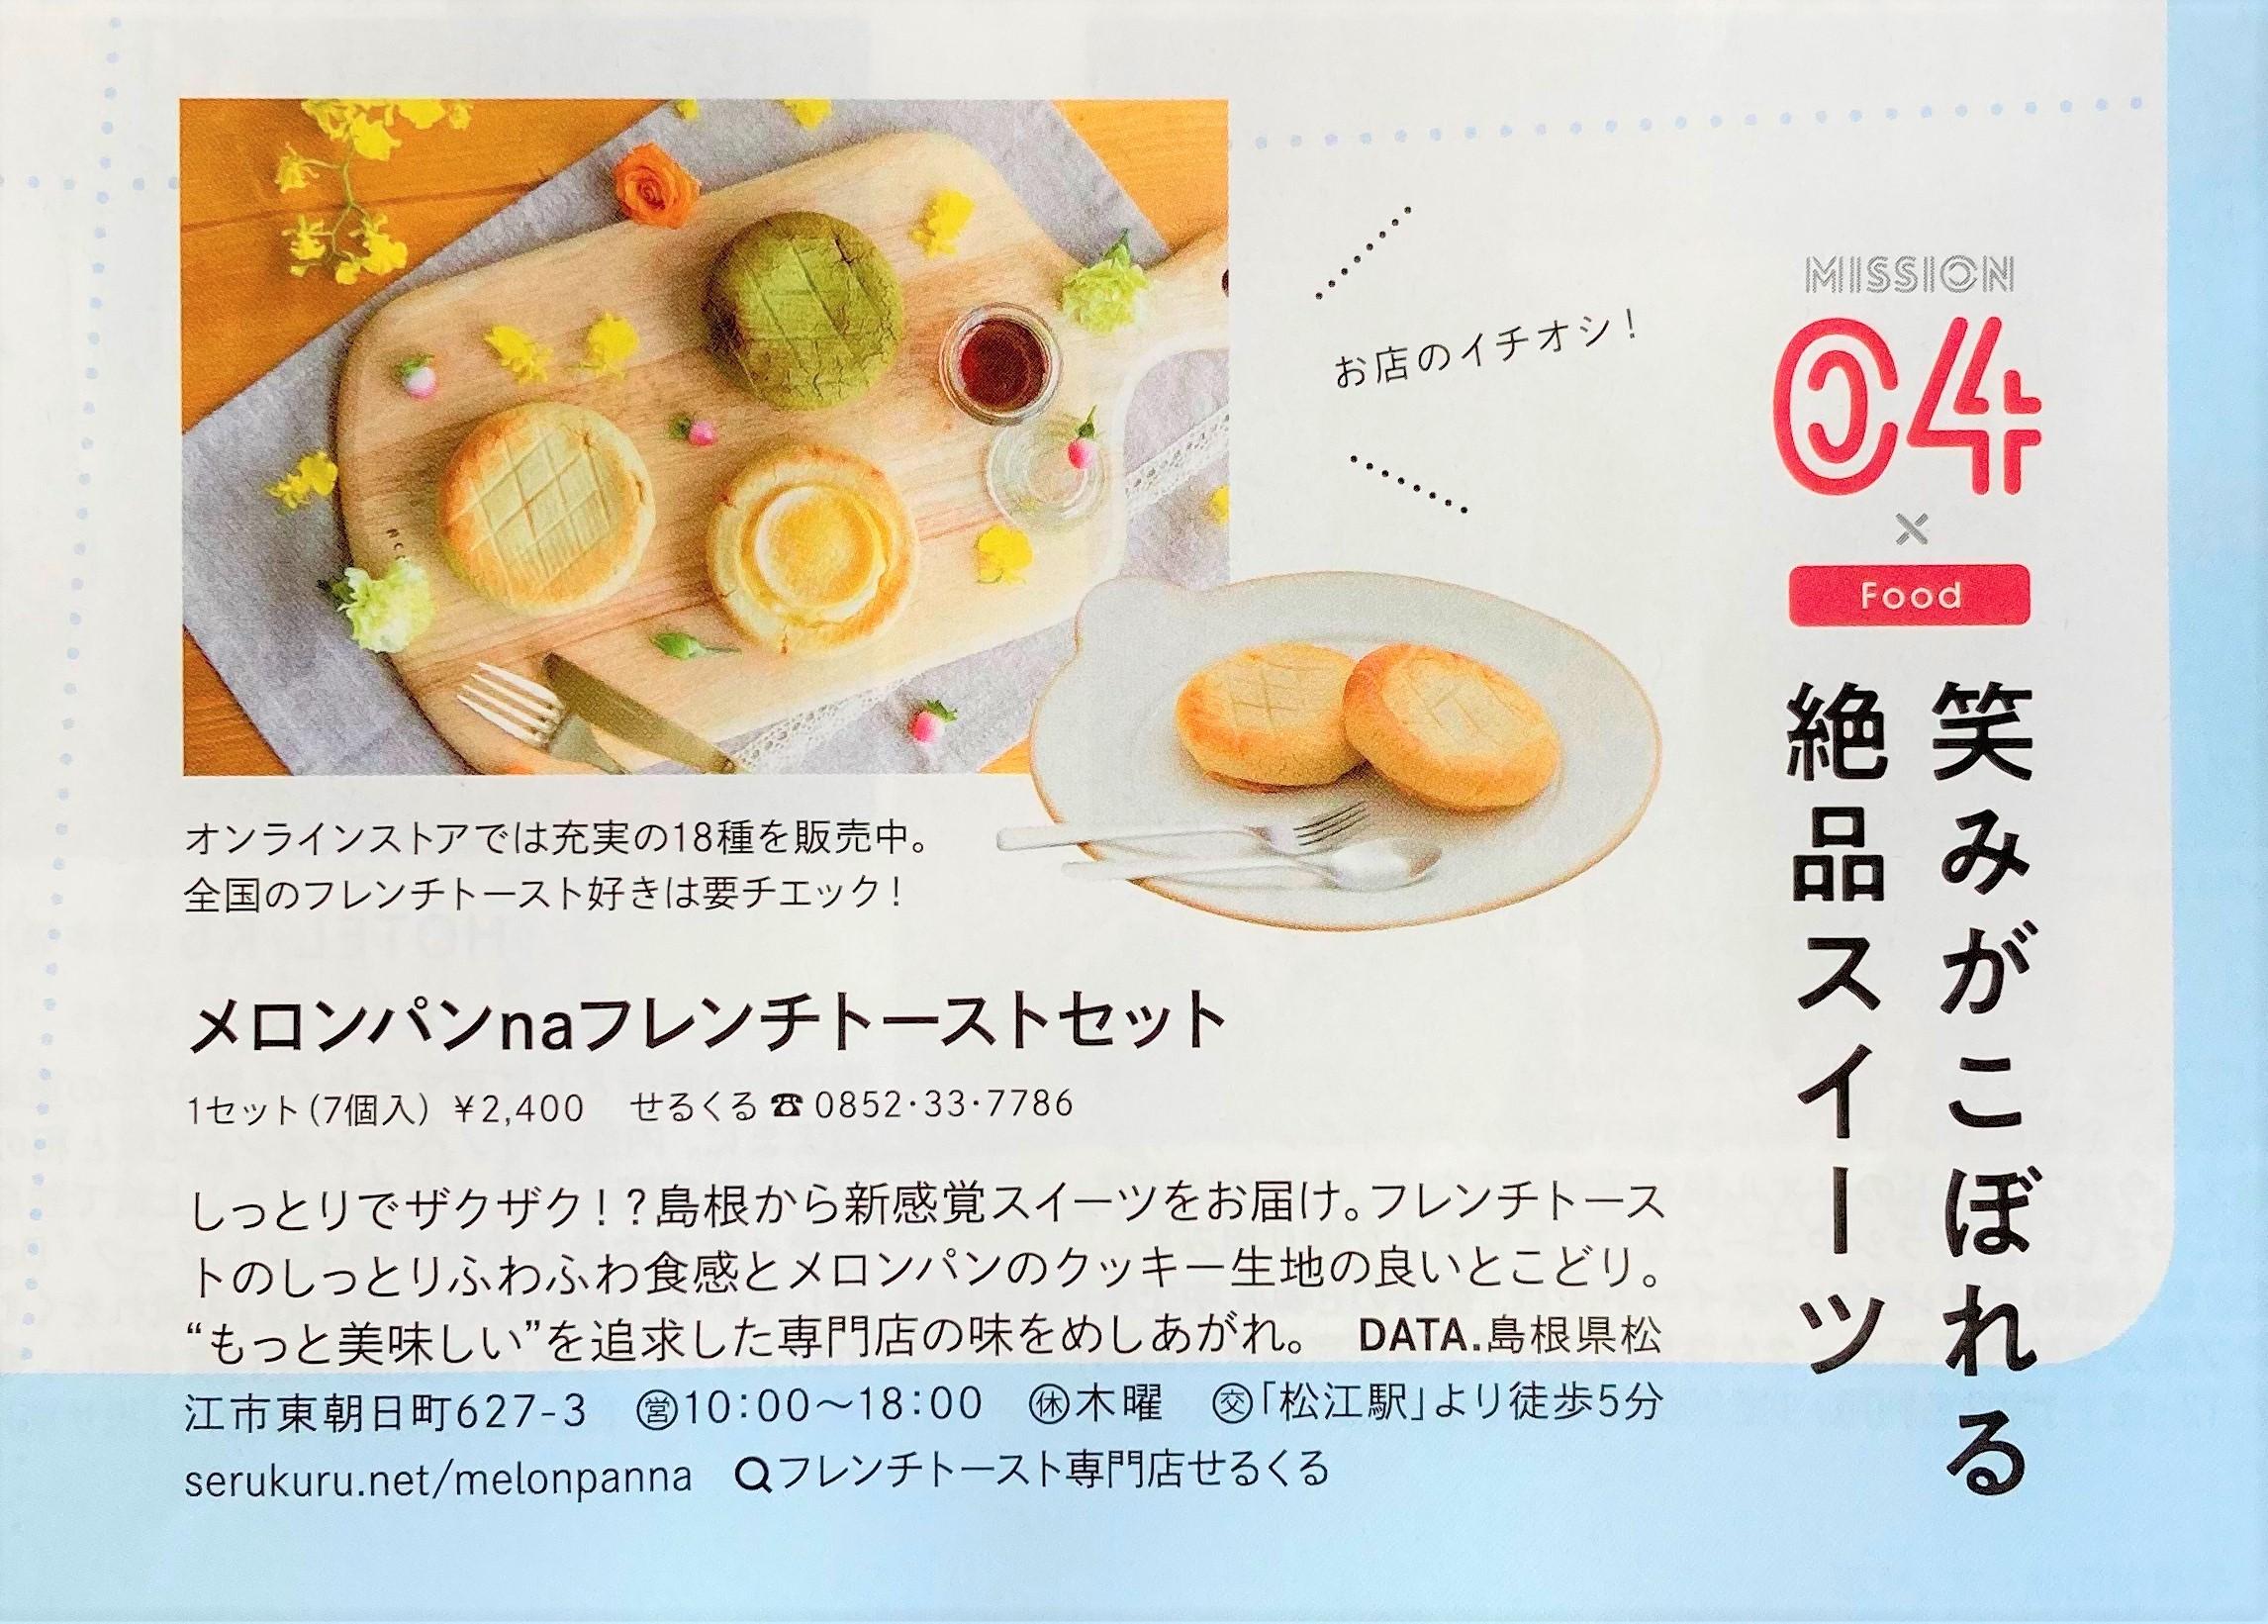 フレンチトースト anan せるくる 10月 島根 松江